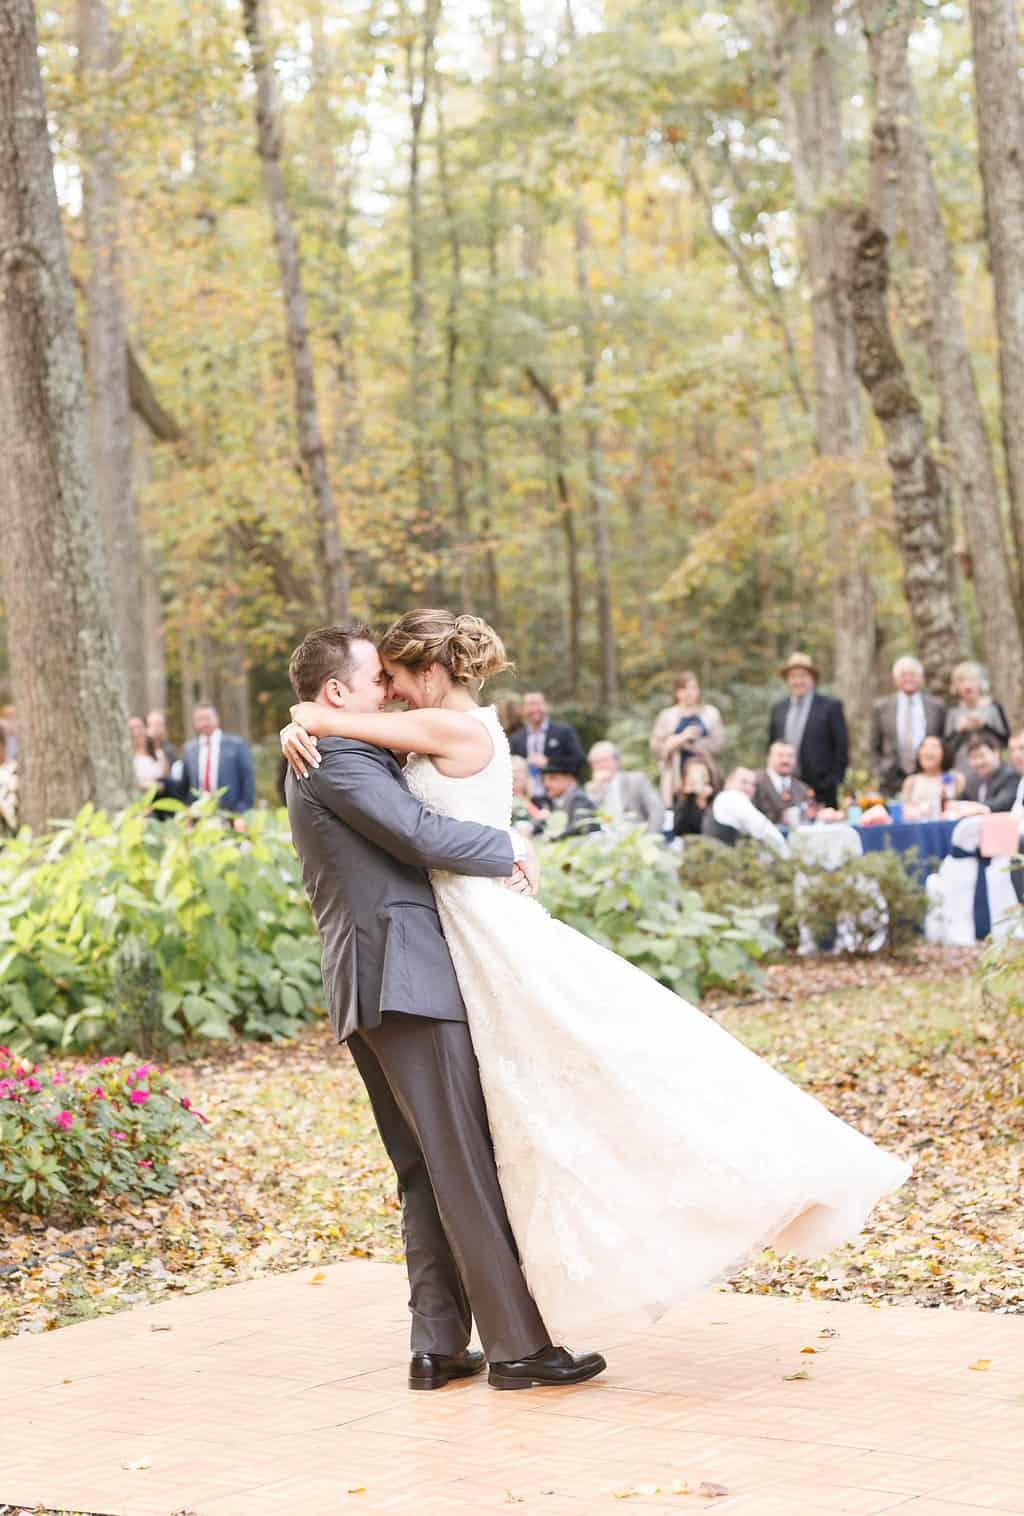 gardens at serenity cove richmond virginia wedding photos